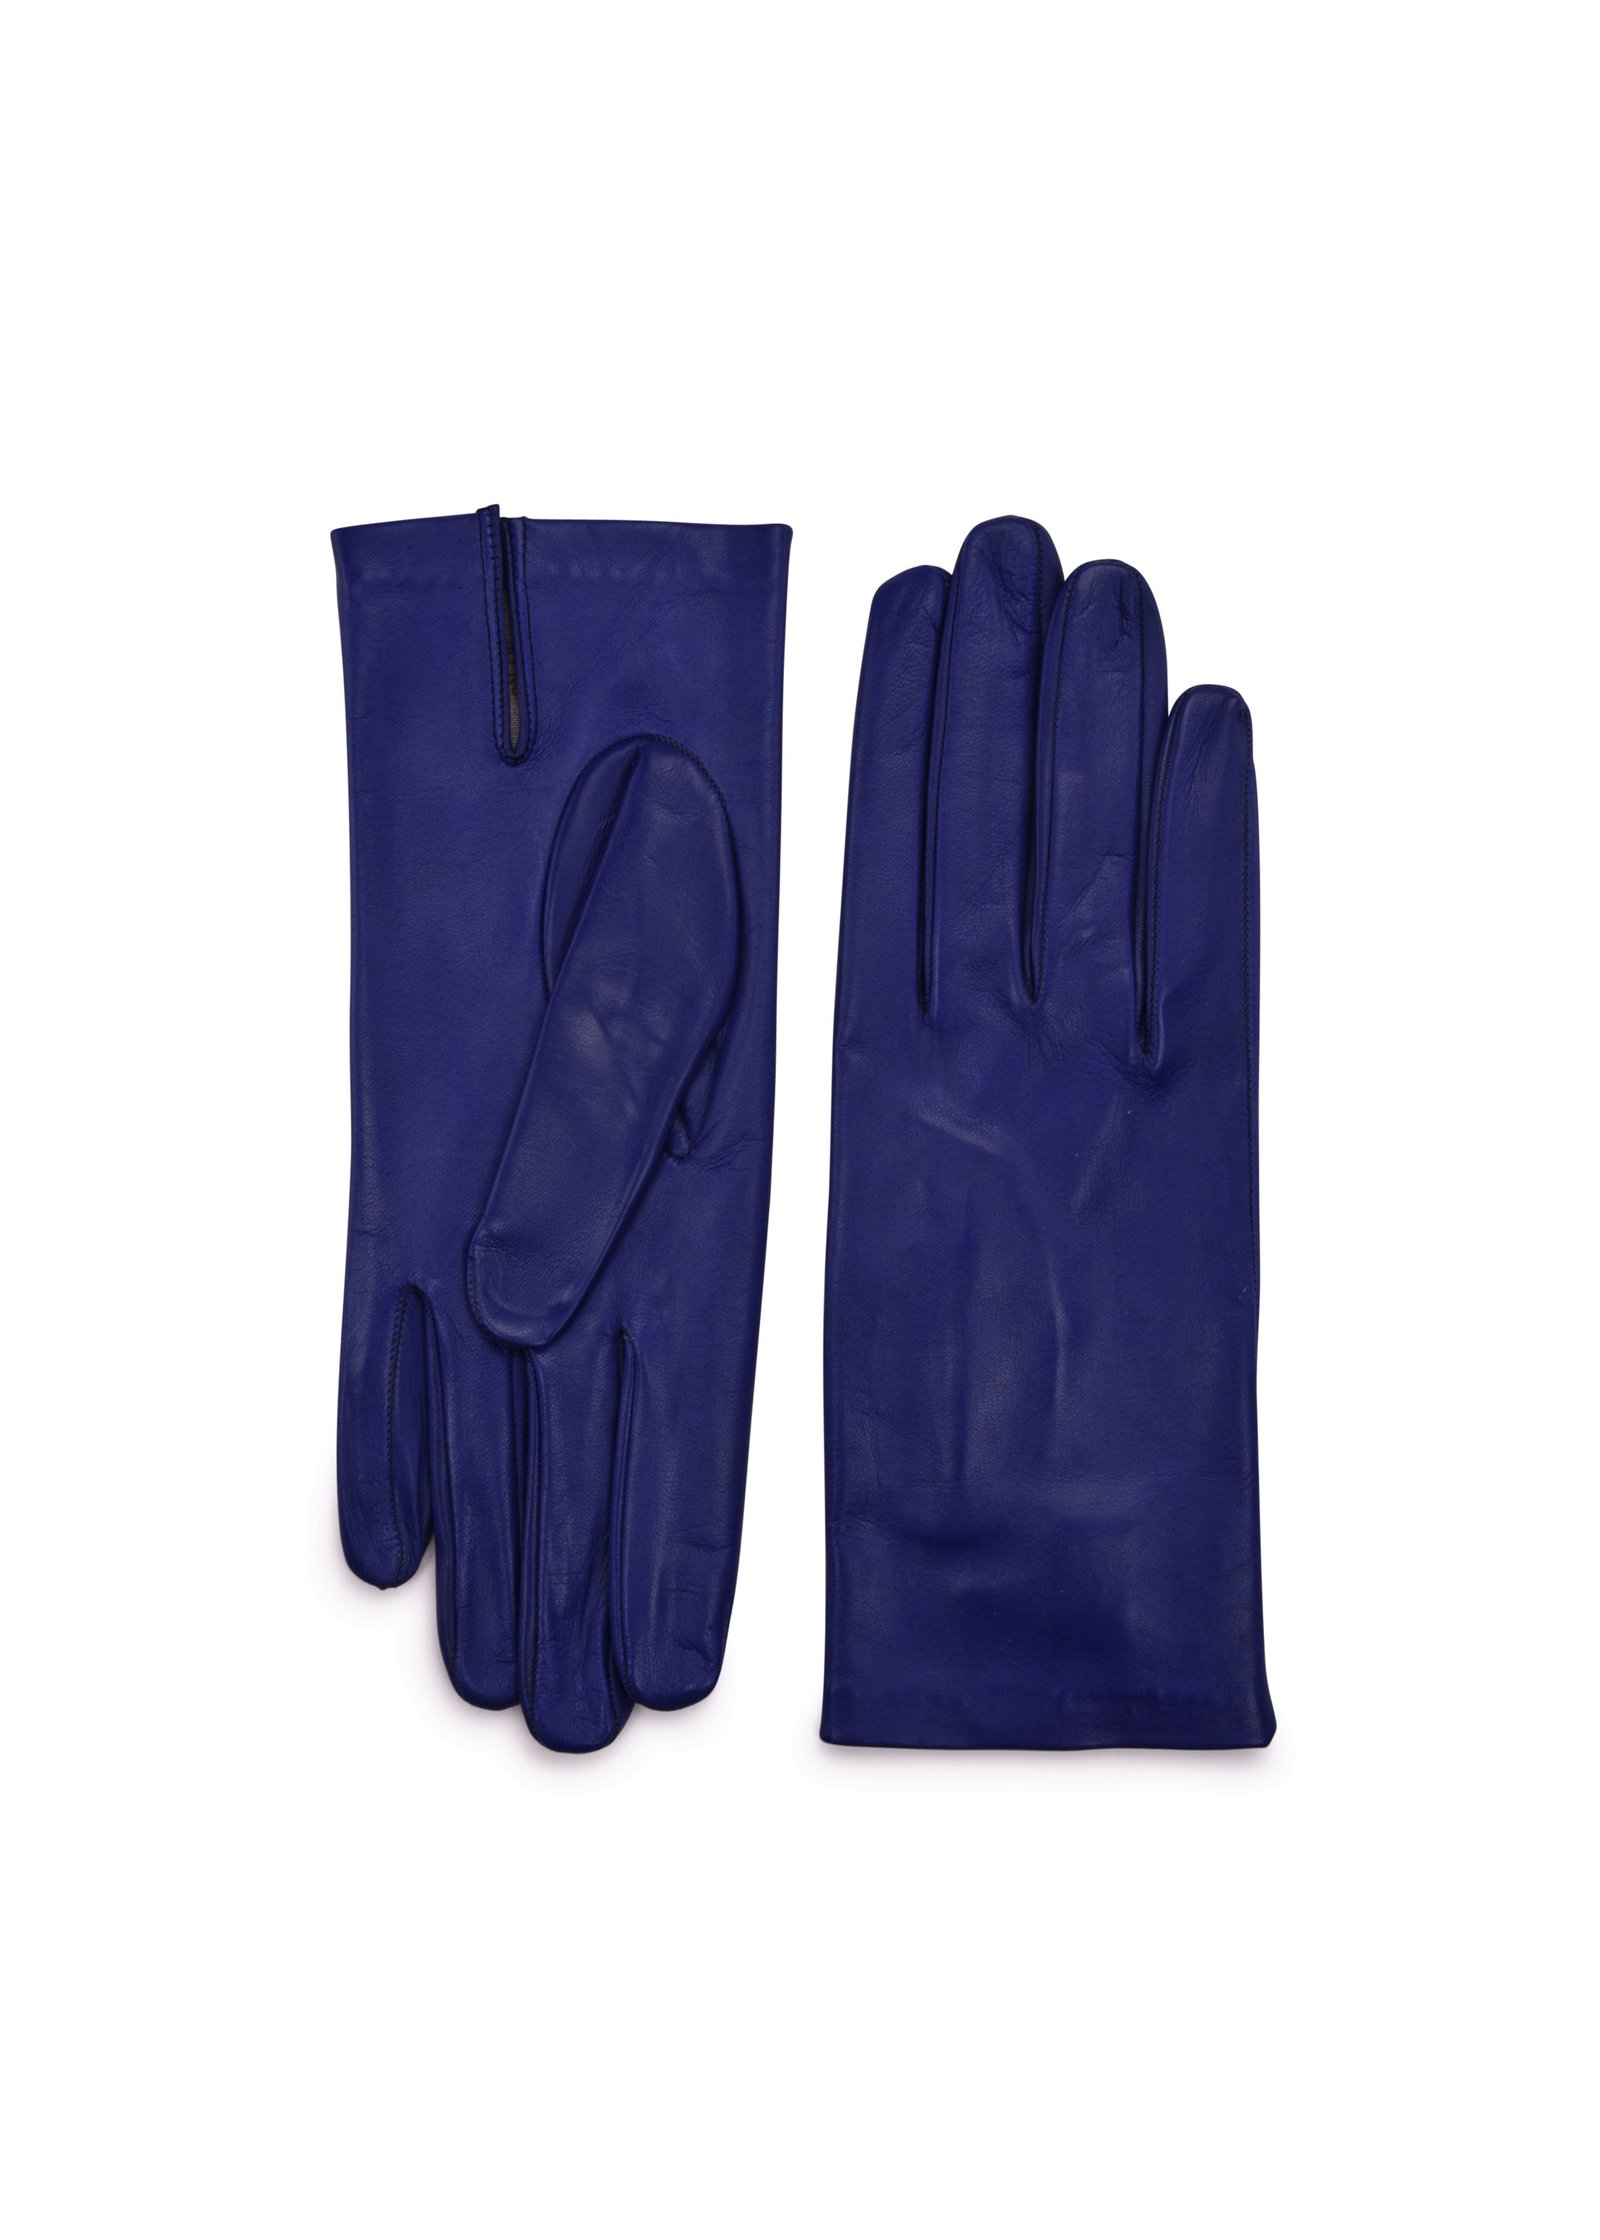 Inauguration Fashion 2021: Amato New York blue gloves, $127